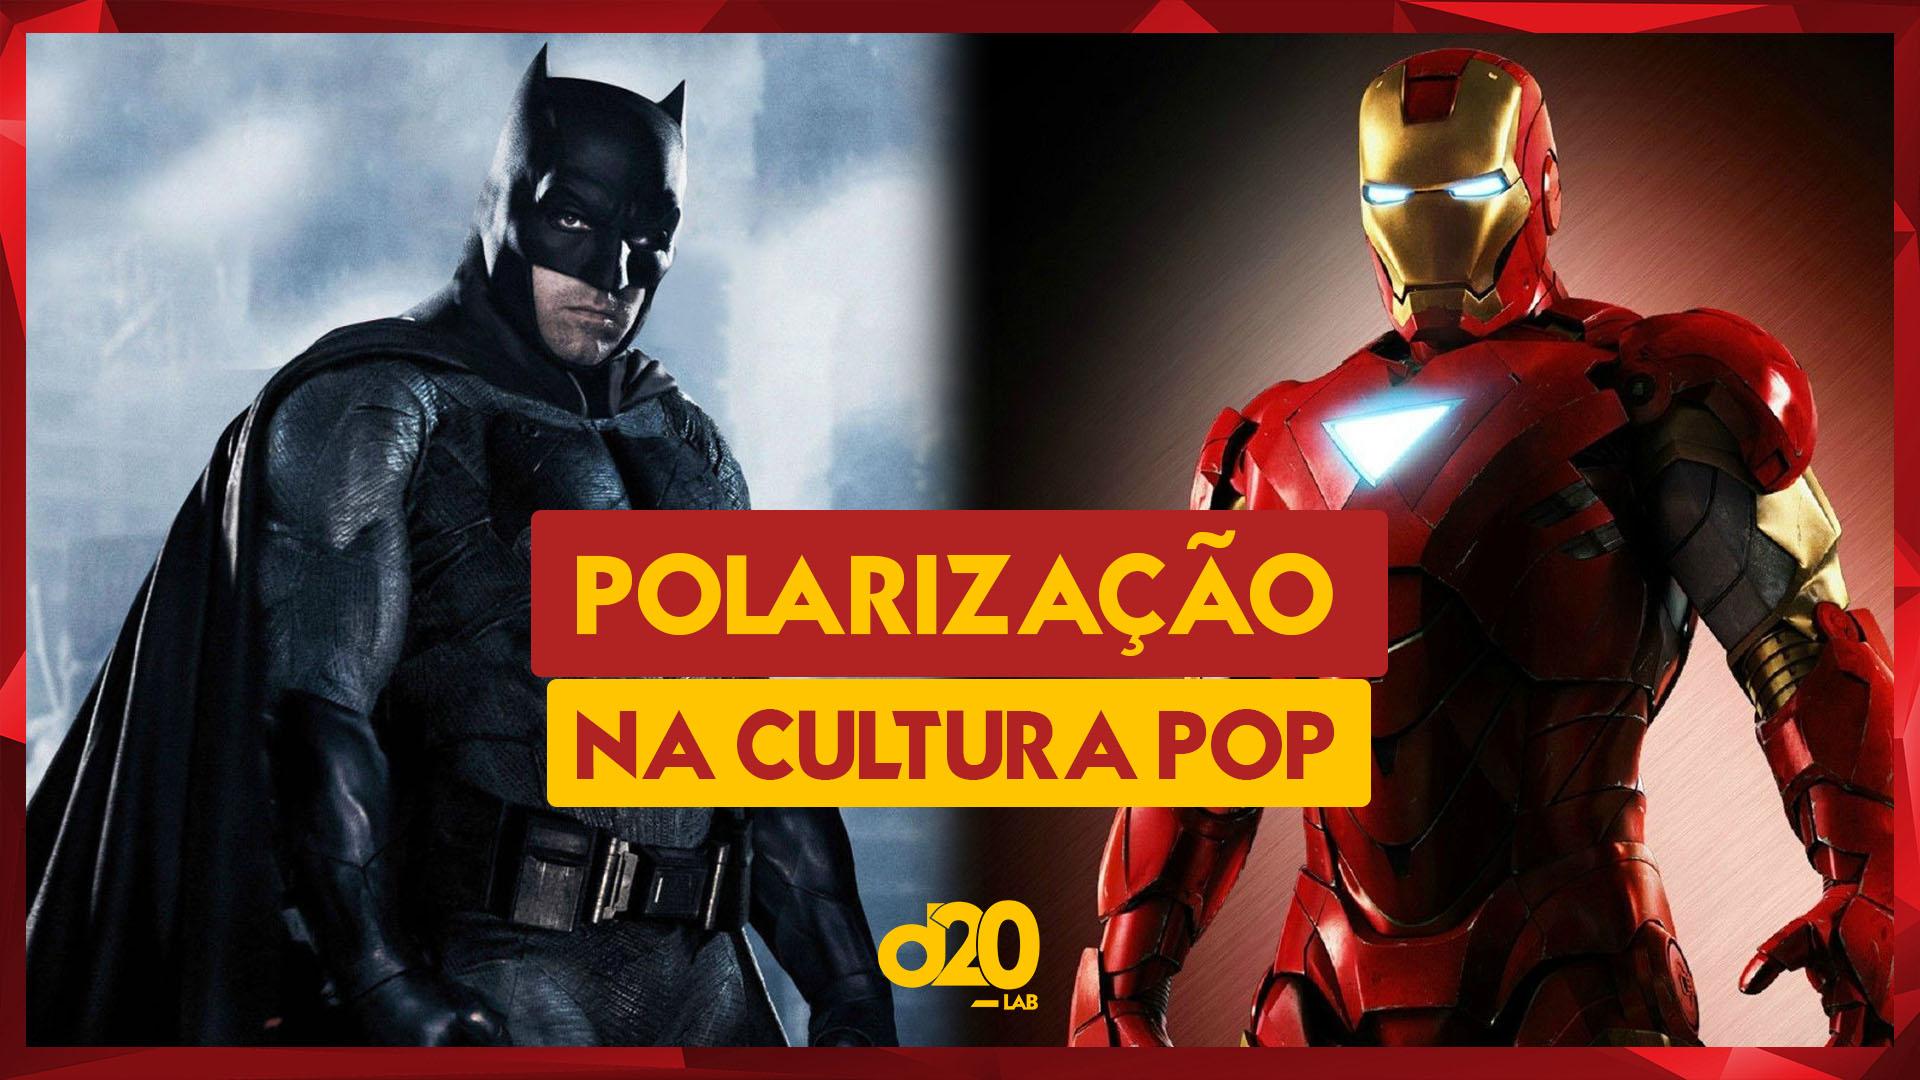 A Polarização na Cultura Pop | D20 Lab 48